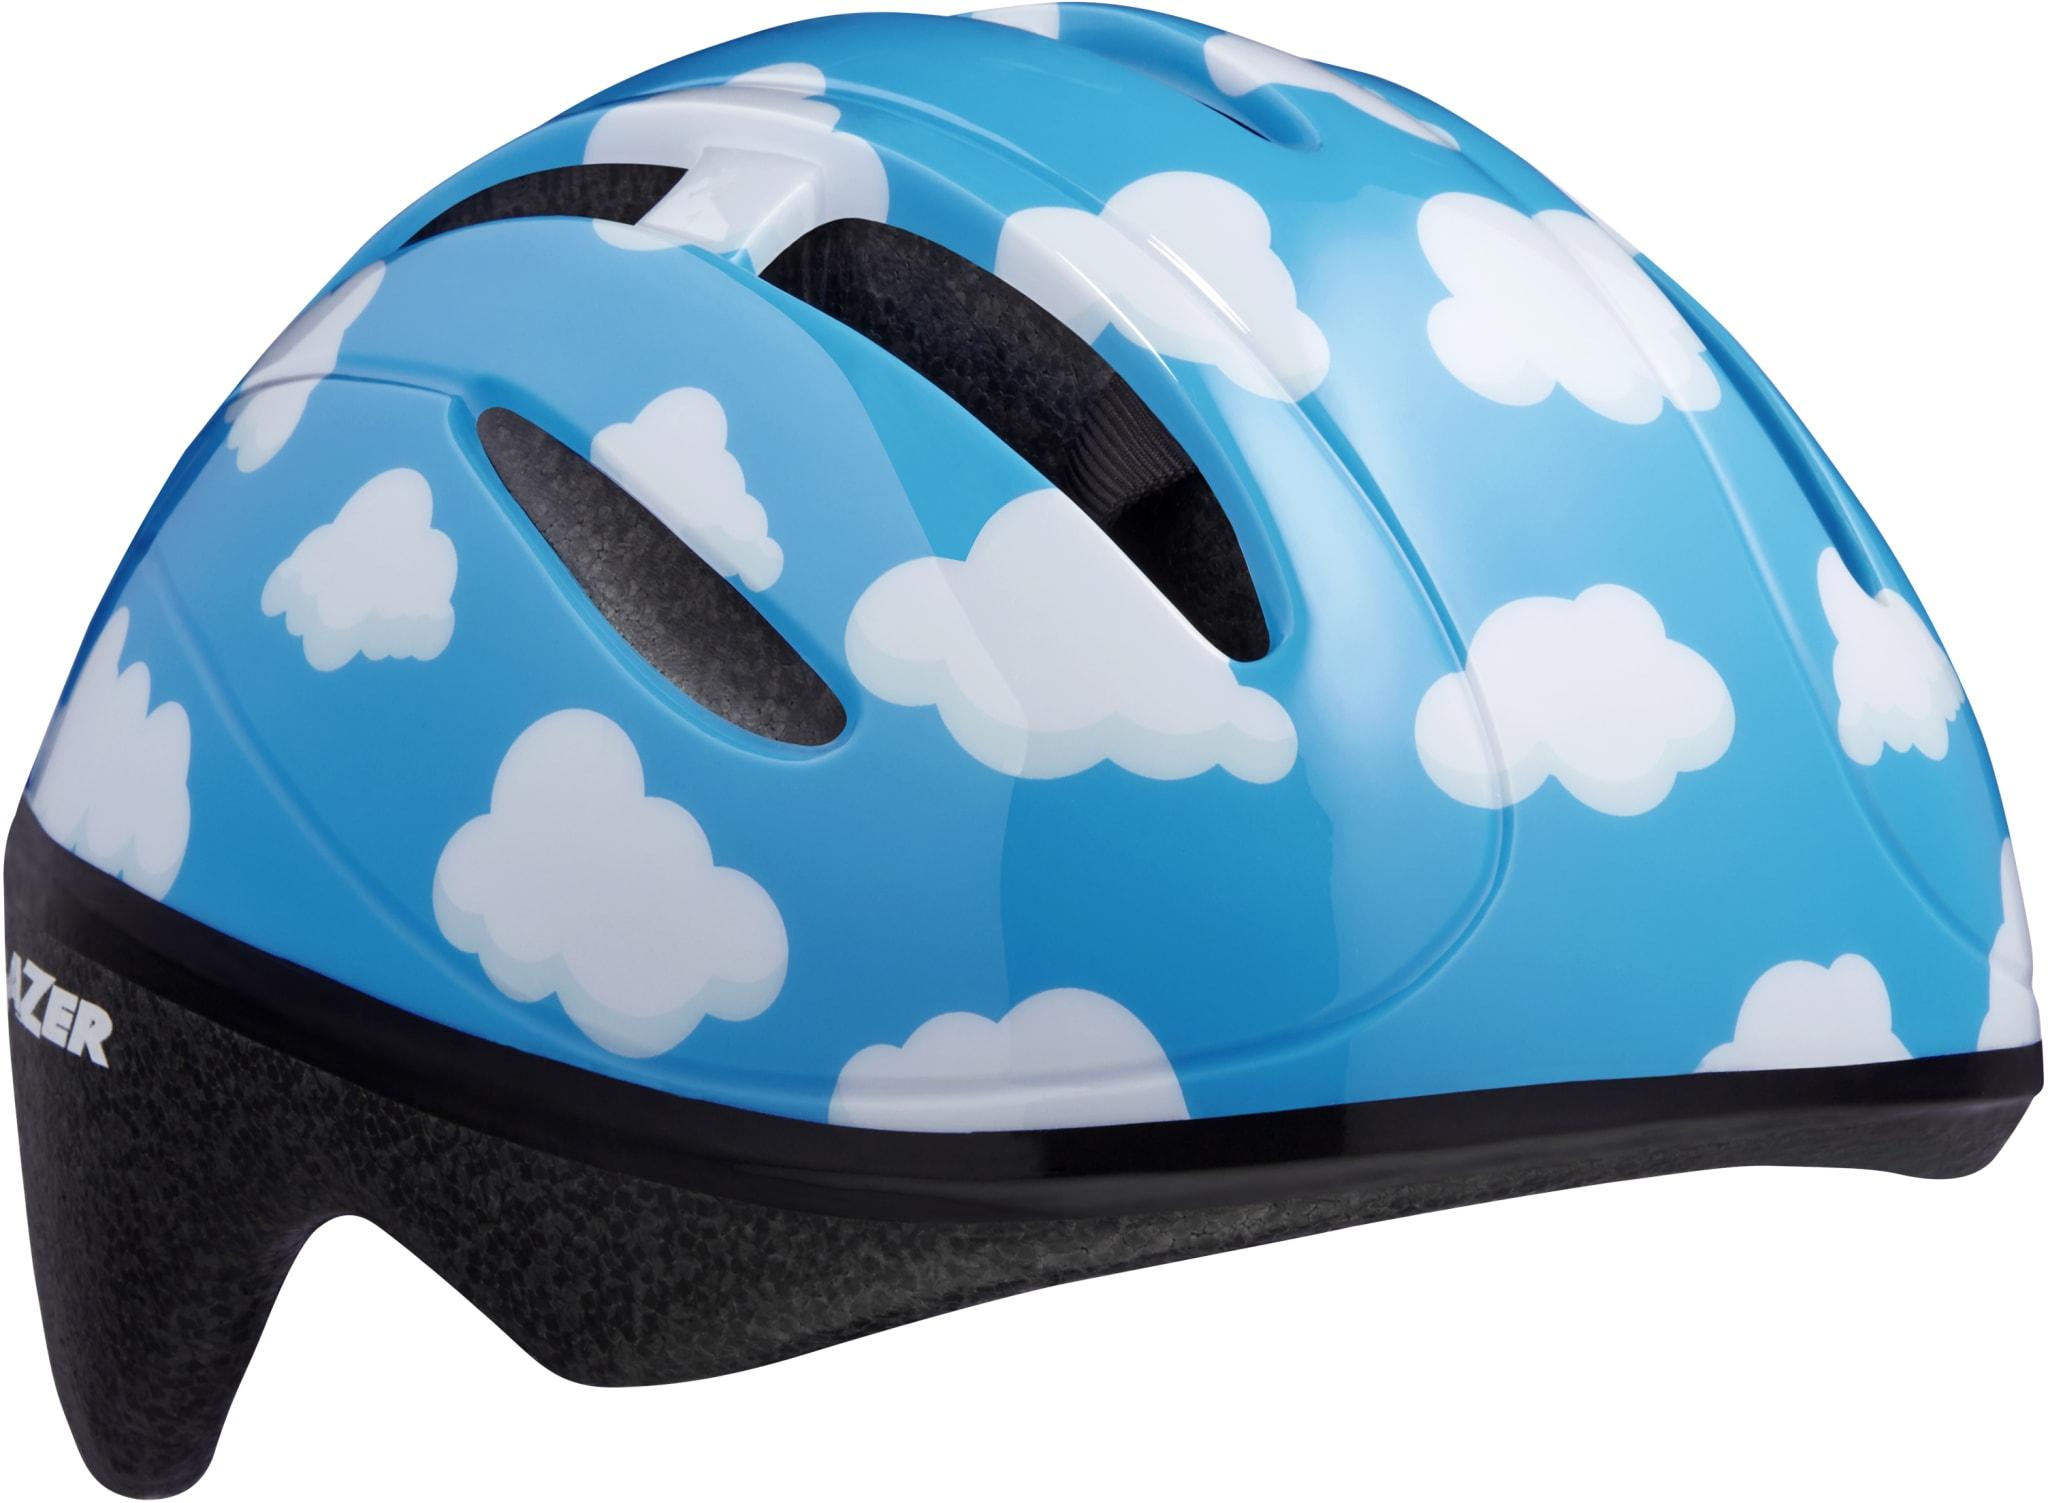 Bob sykkelhjelm gir sikkerhet for barnet selv om han eller hun bare sitter i en sykkevogn eller i barnesete